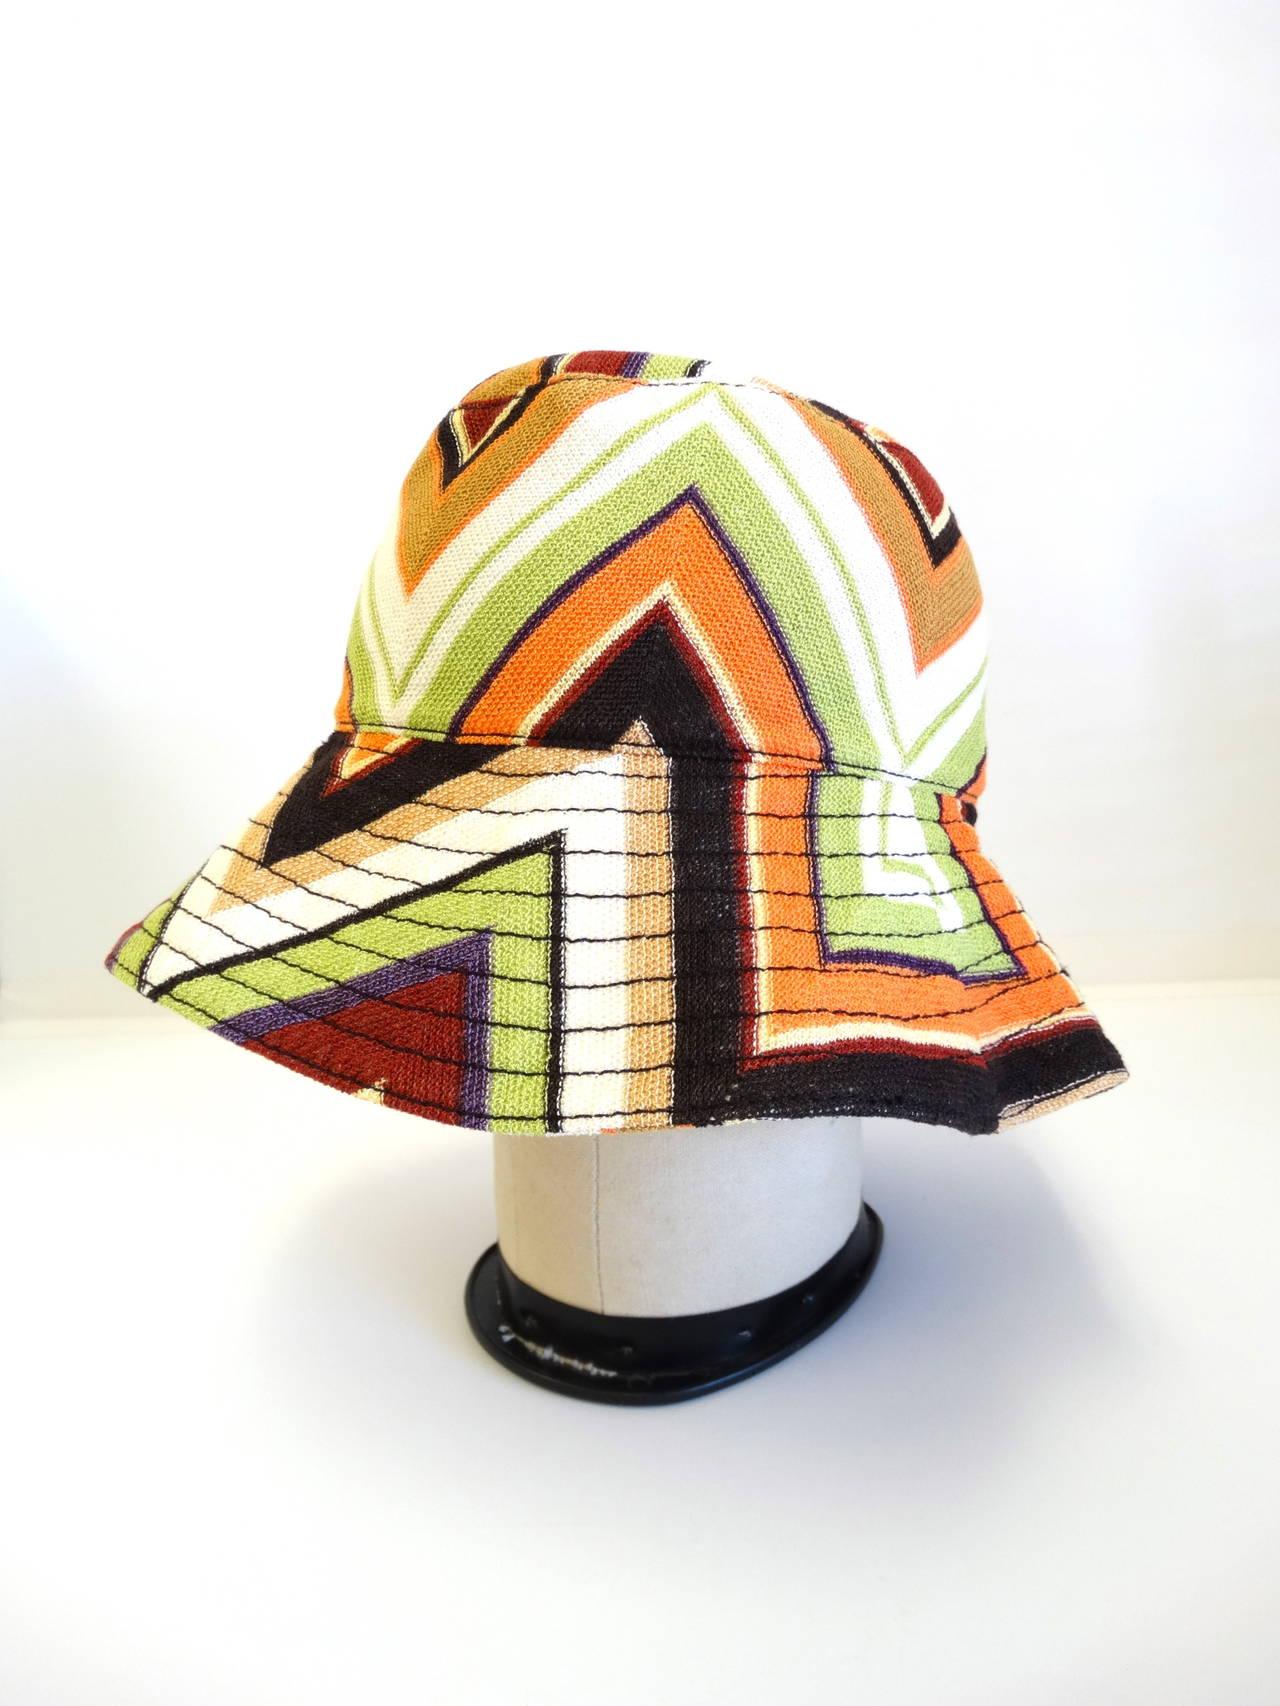 Vintage missoni knit bucket hat at stdibs jpg 1280x1706 Missoni hat cf4720f1e71